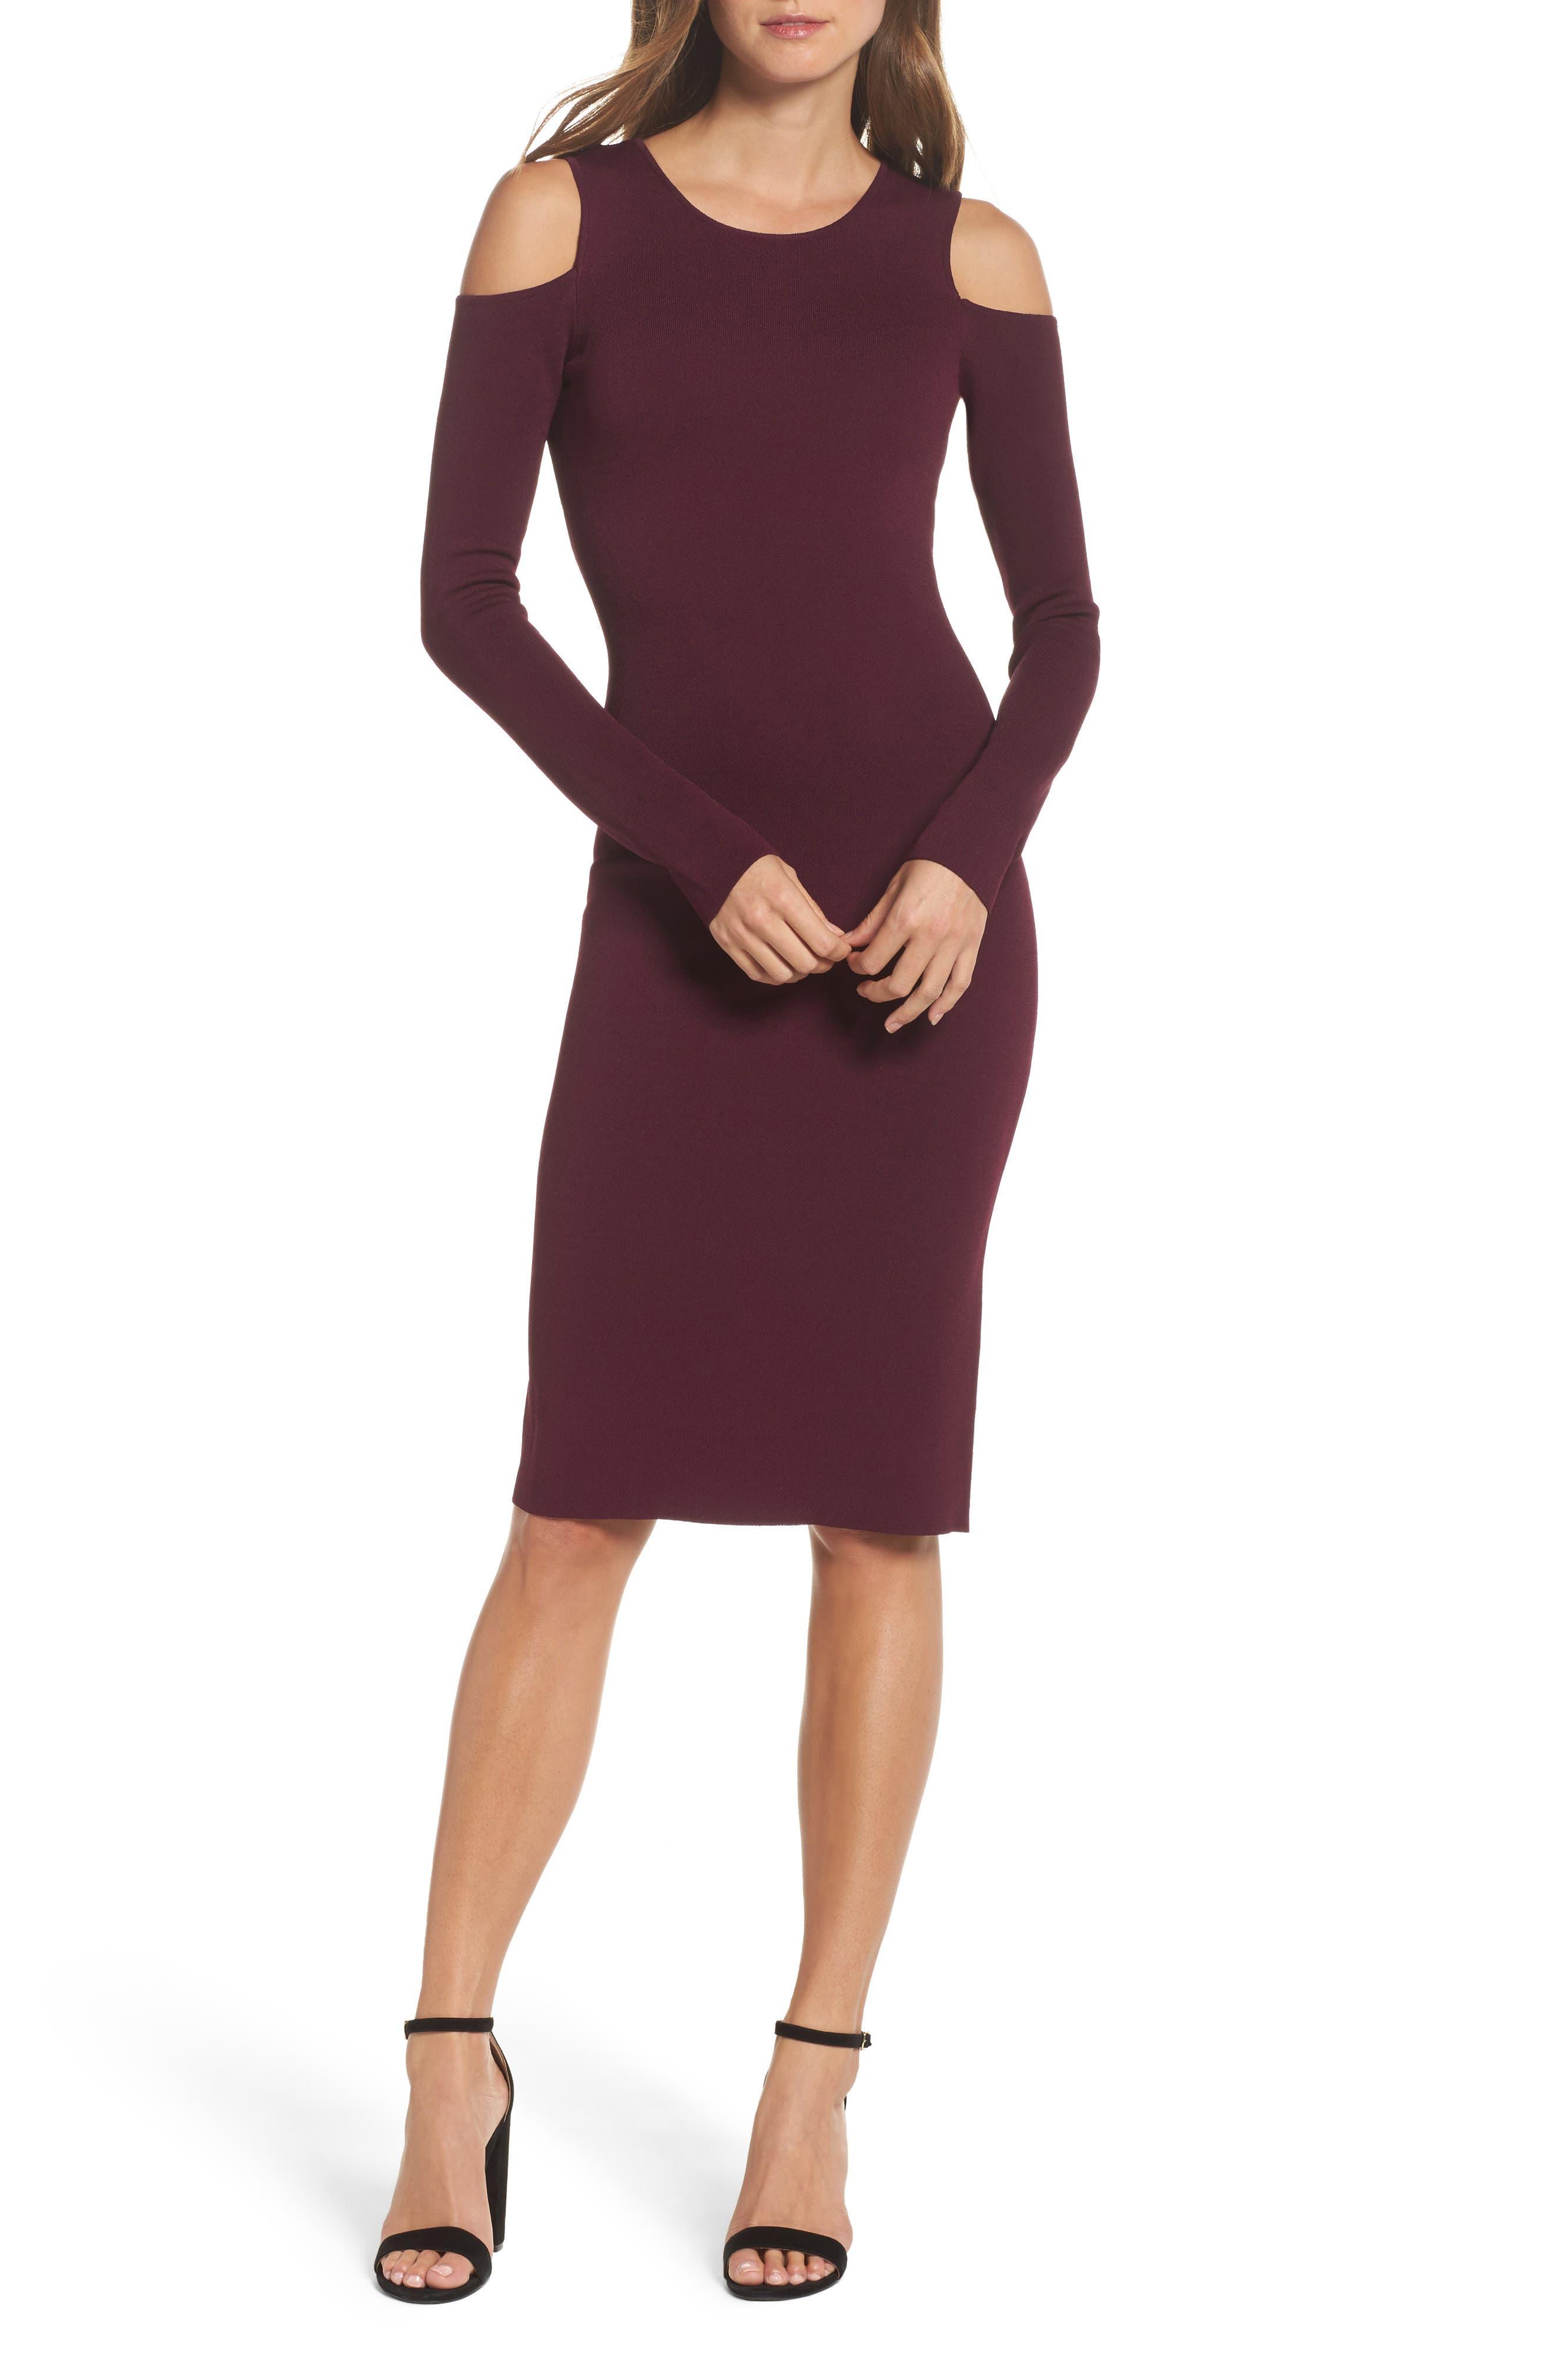 ELIZA J, Cold Shoulder Knit Body-Con Dress, Main thumbnail 1, color, 500